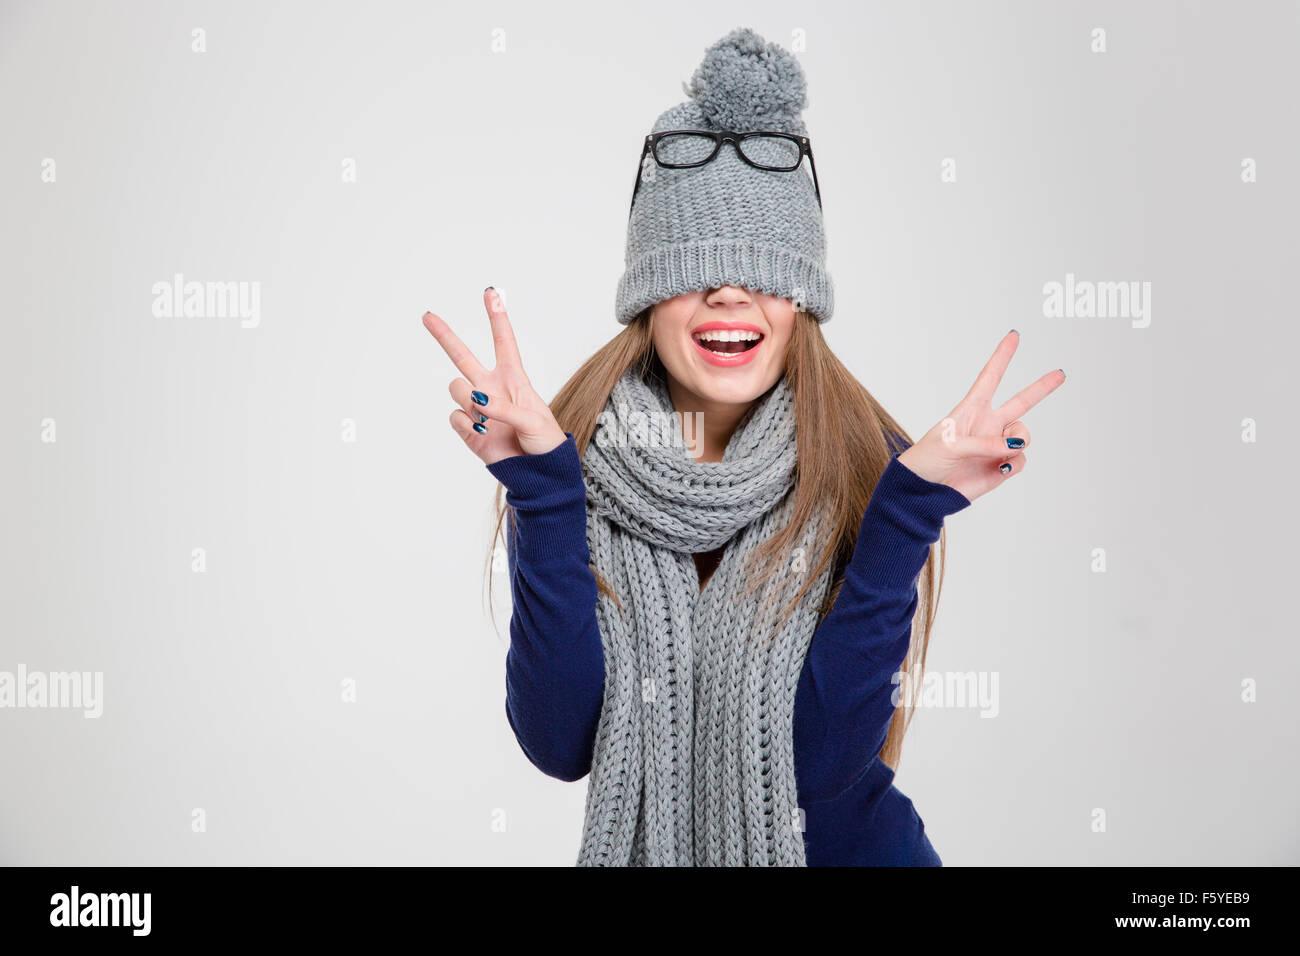 570e9ee646126 Retrato de una mujer alegre y cubriendo sus ojos con sombrero y mostrando  la paz signo aislado sobre un fondo blanco.